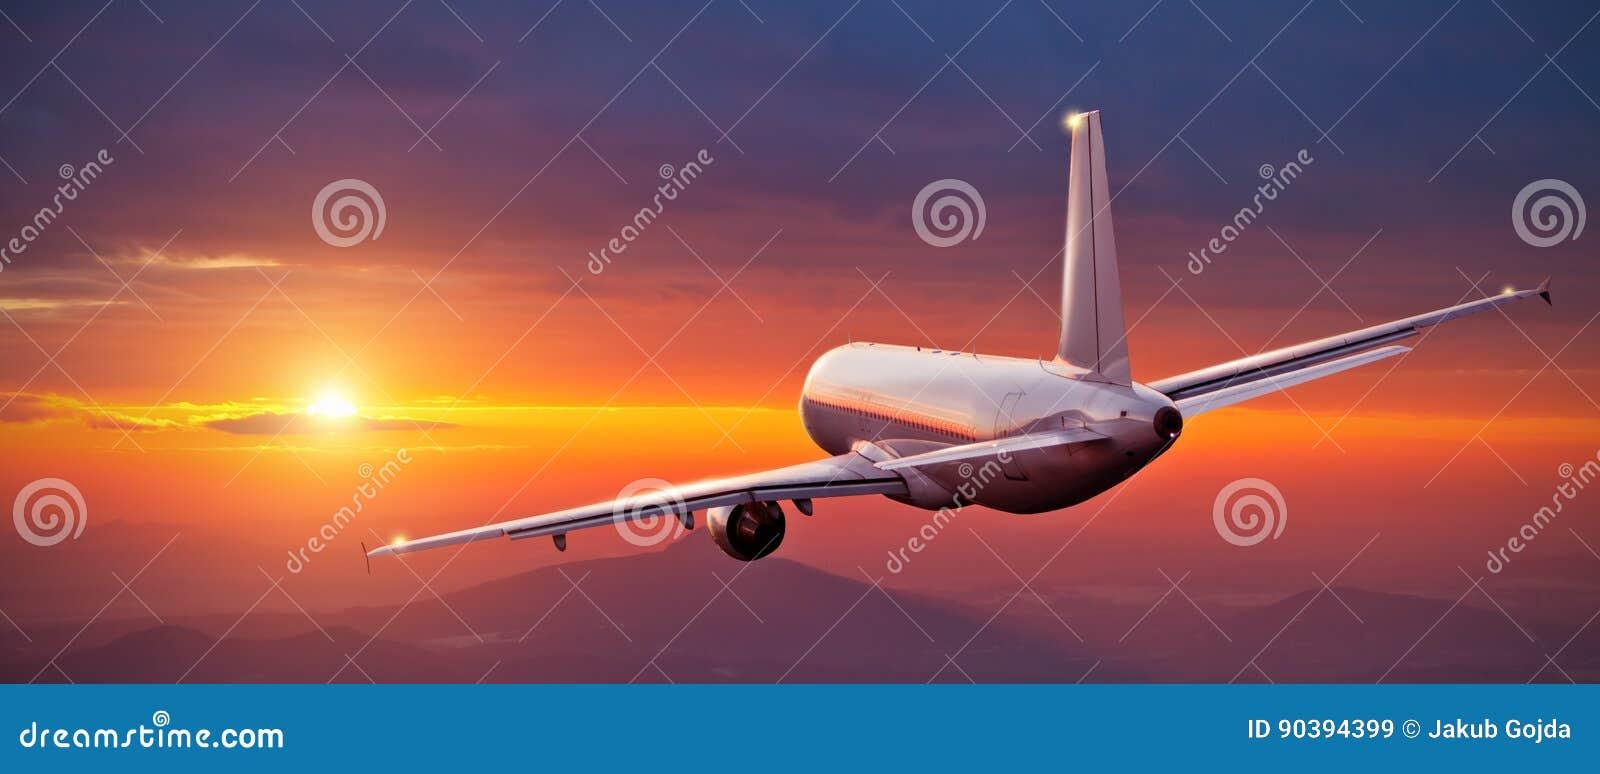 Voo comercial do avião acima das montanhas no por do sol